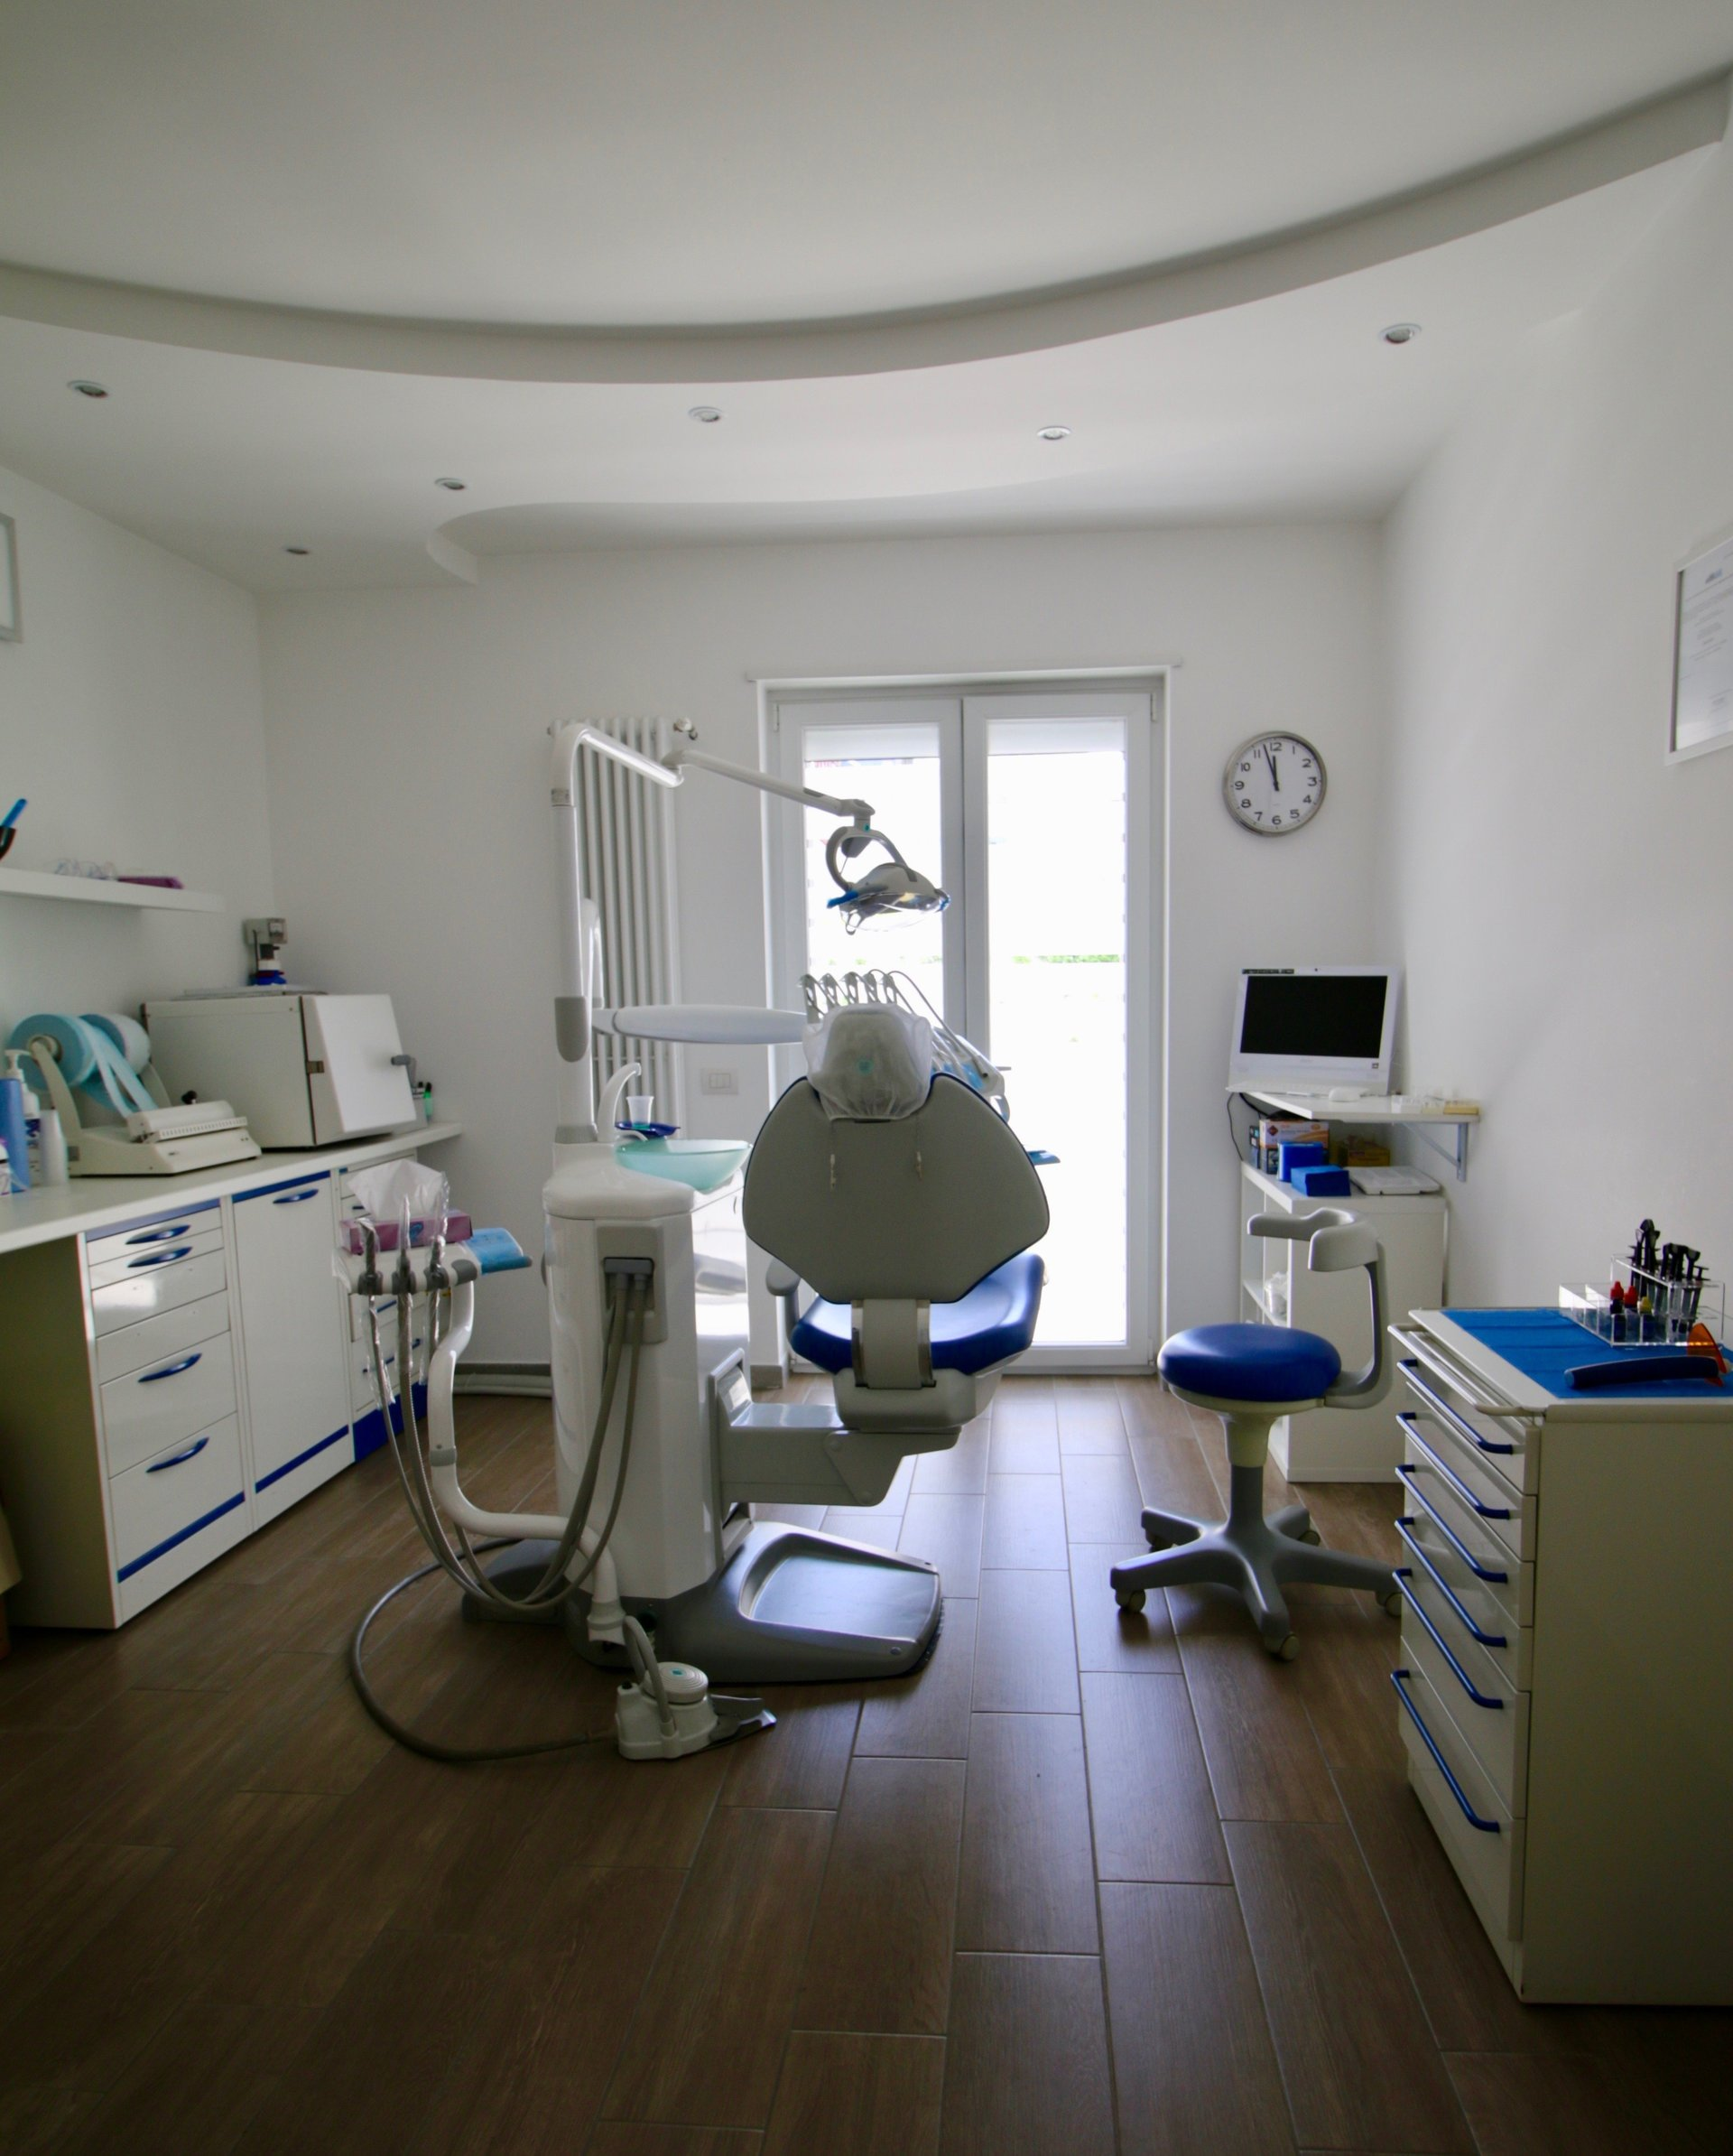 Interno del studio dentale